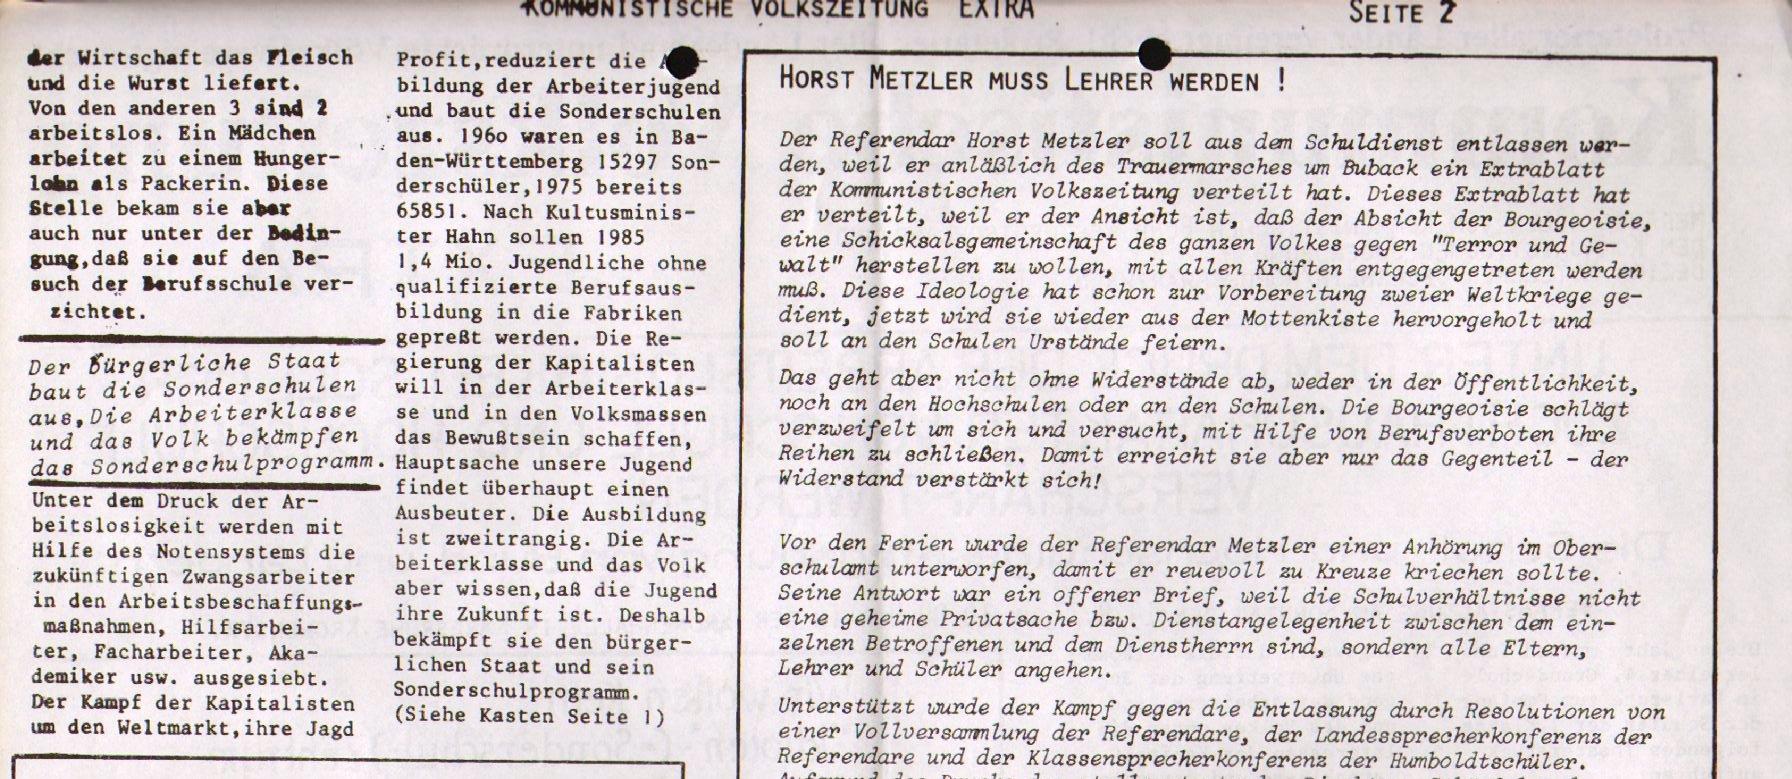 Oberrhein_KVZ367